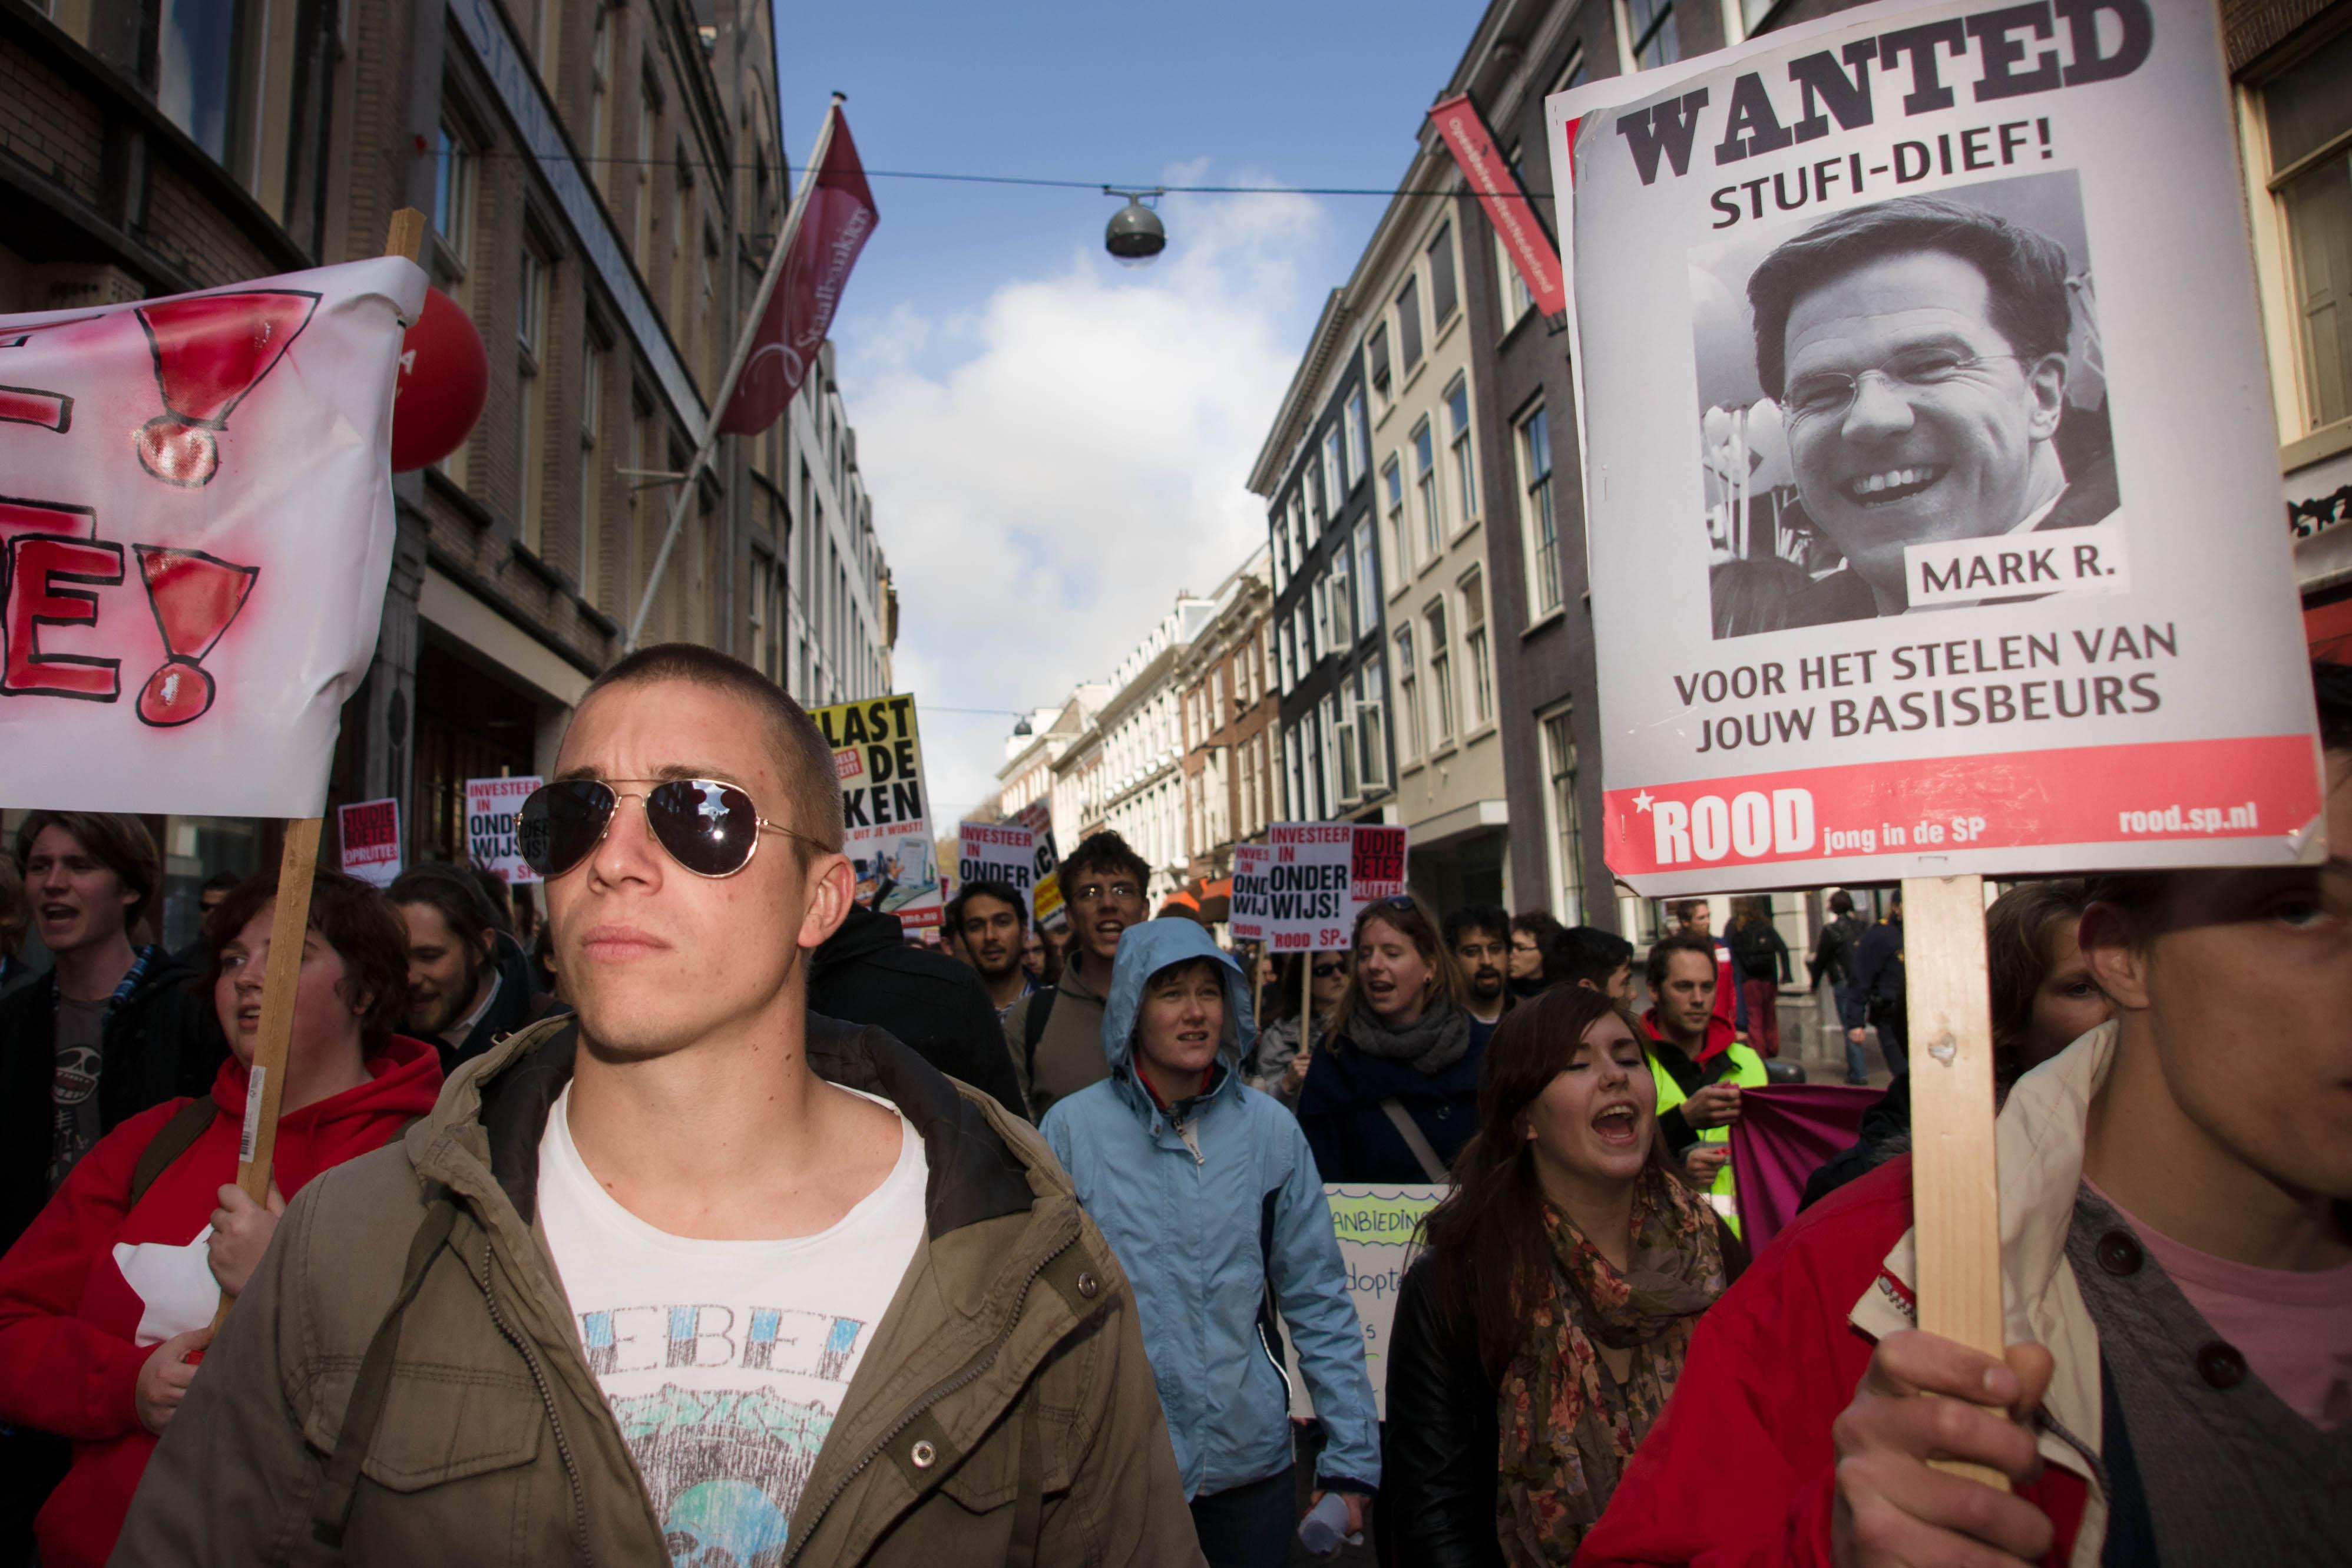 Ondanks dit soort demonstraties werd de basisbeurs afgeschaft, waarmee geld vrijkwam voor beter hoger onderwijs. Foto: Flickr/SP